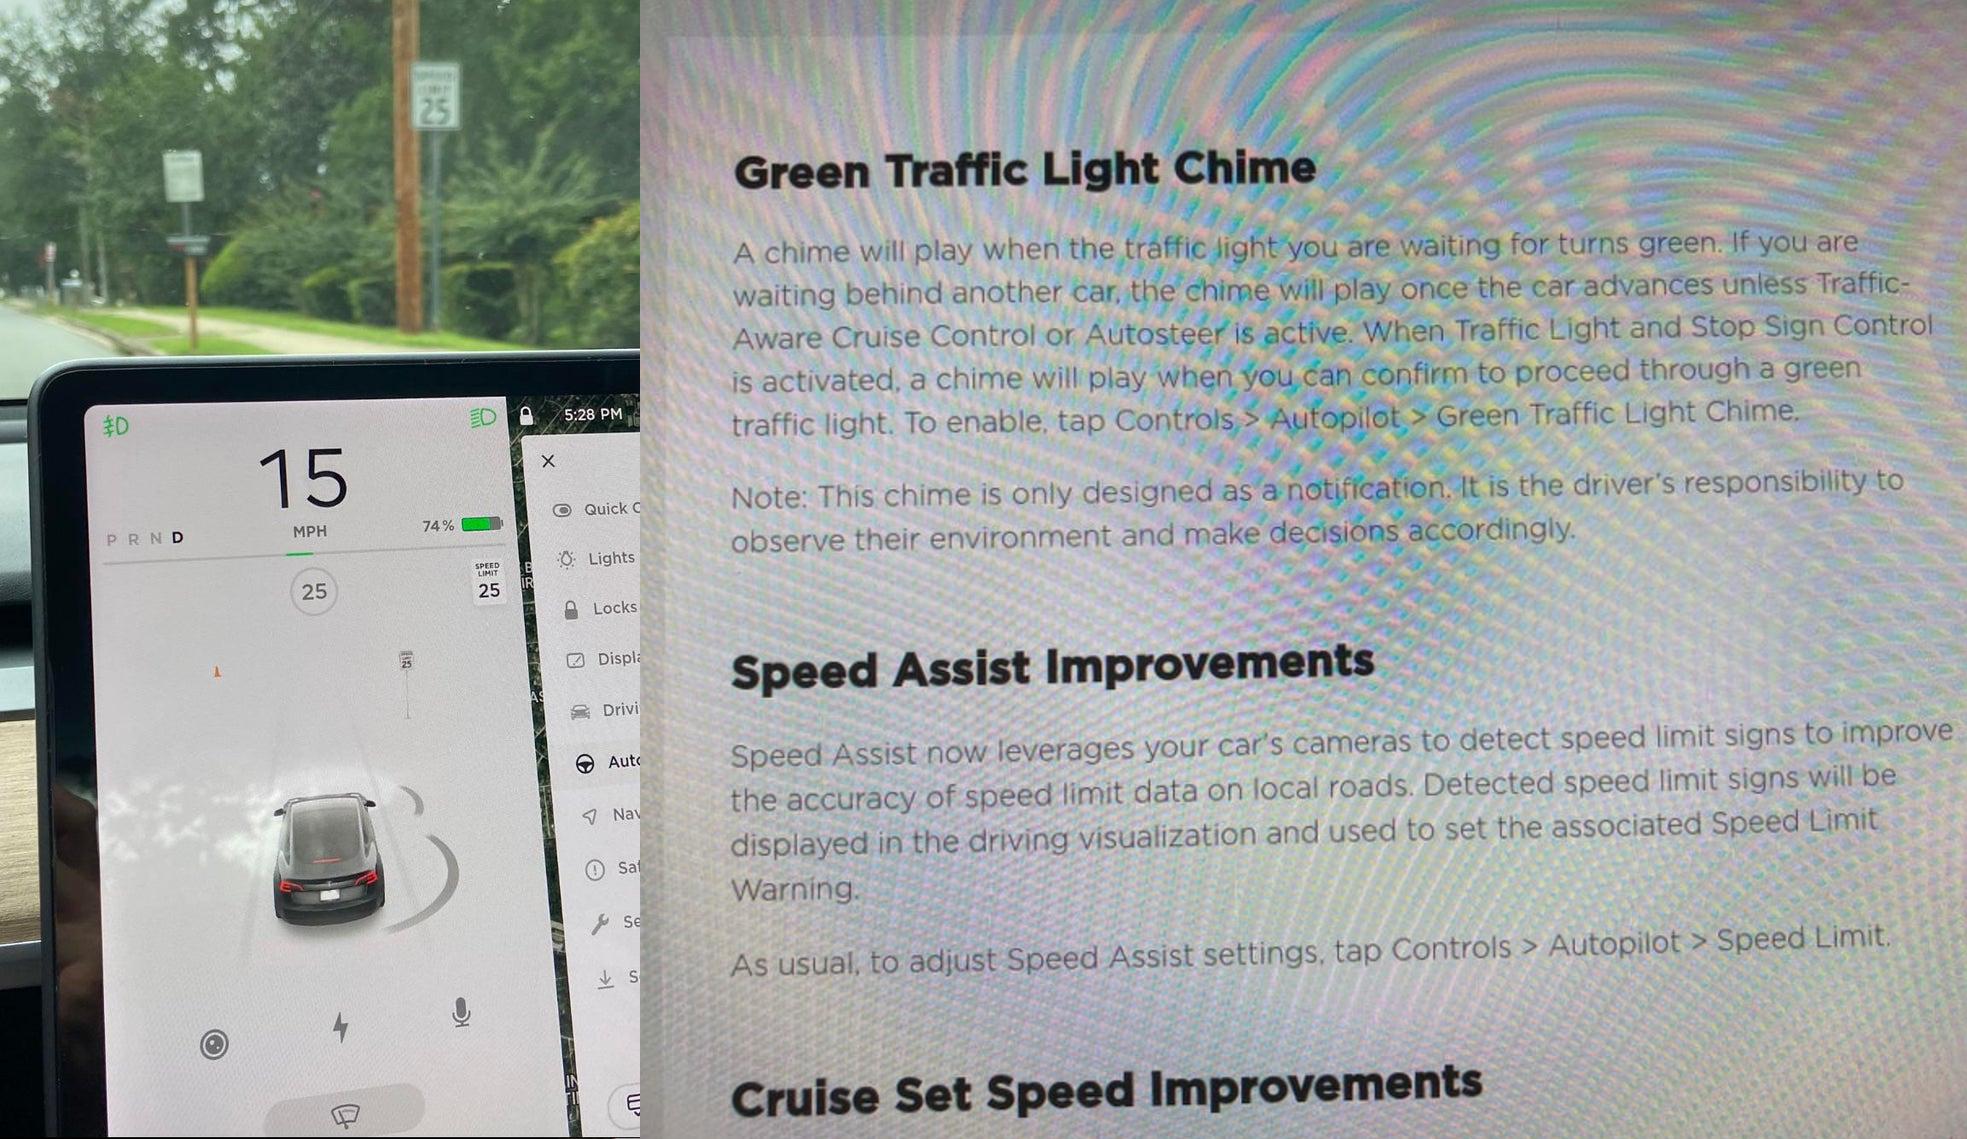 tesla-autopilot-speed-limit-sign-recognition